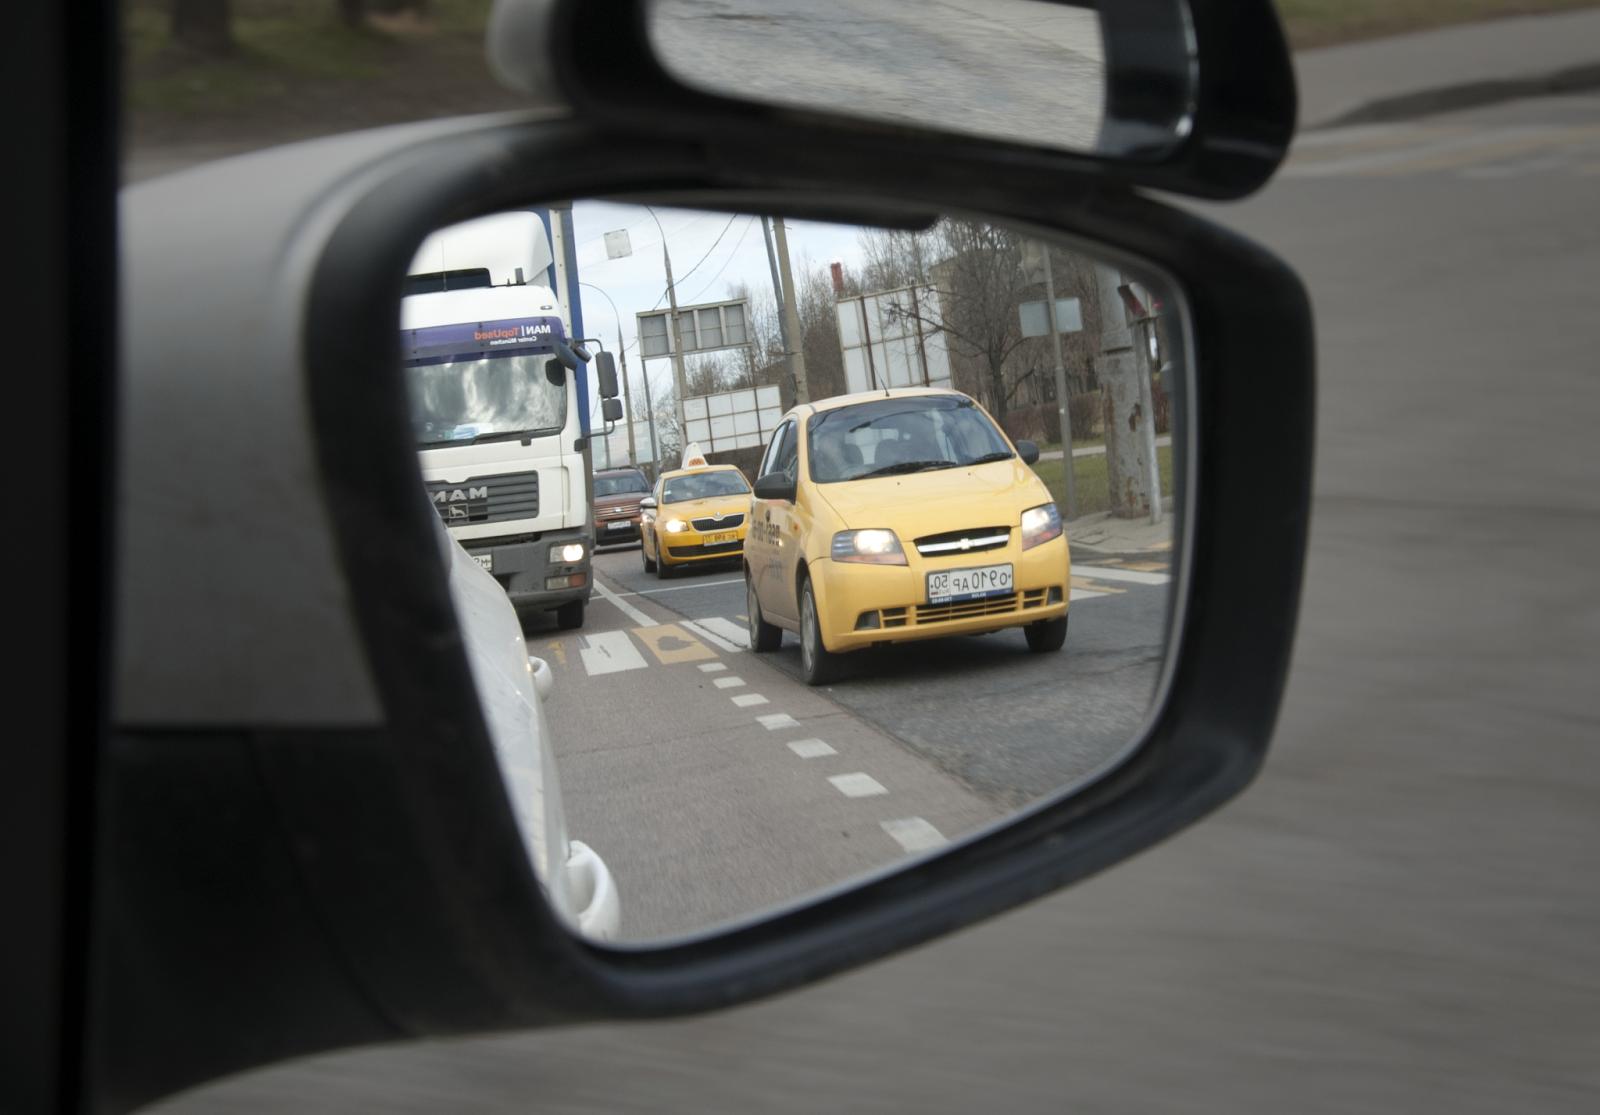 Из челябинска в лазаревское на машине фото возможных направлений